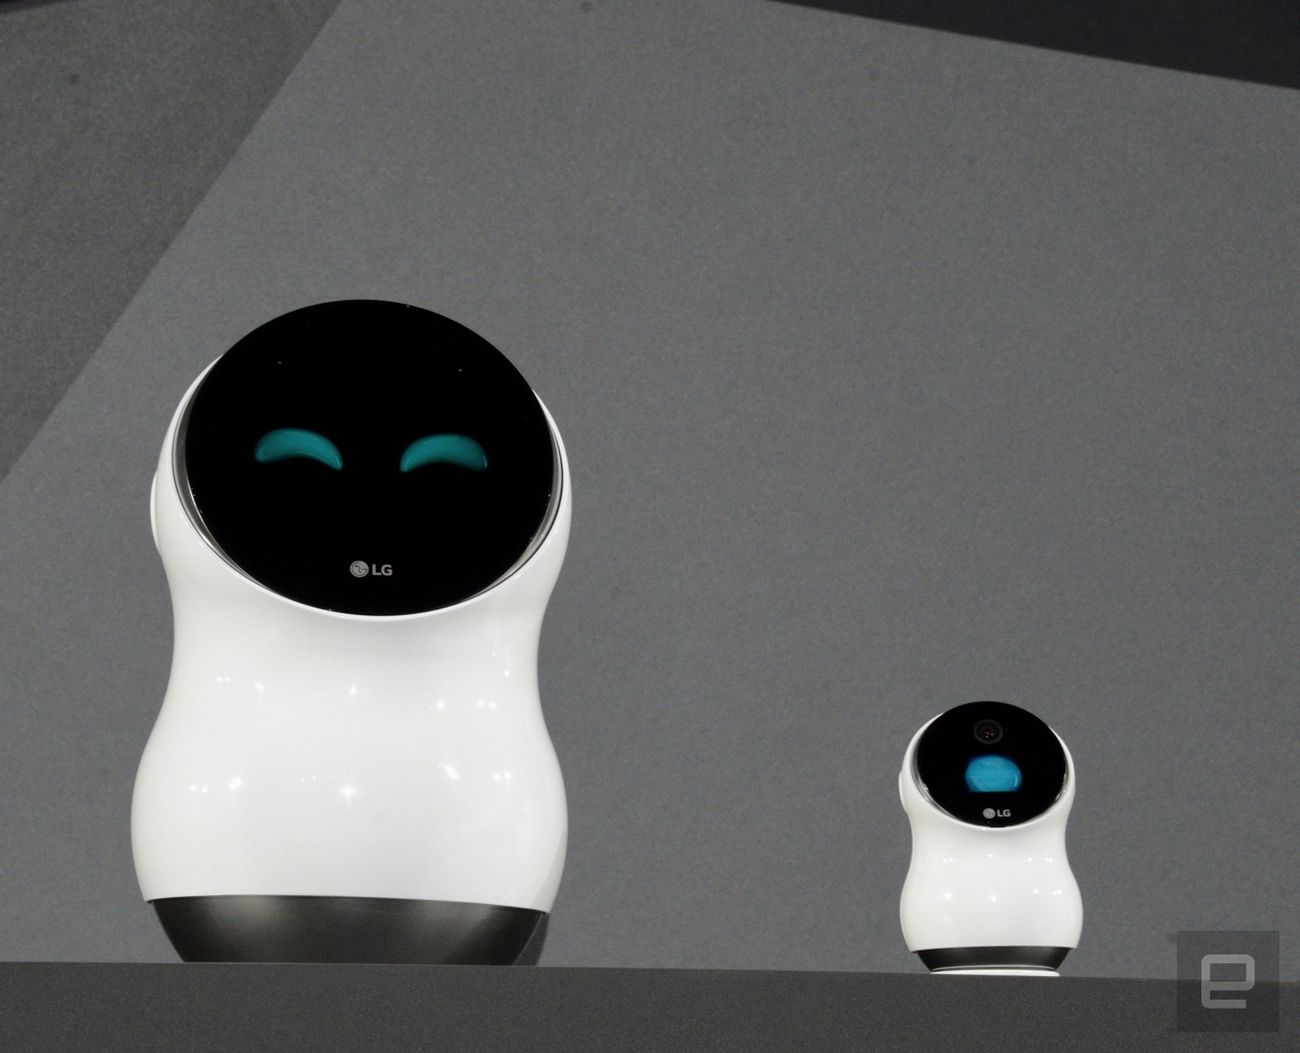 LG Hub Smart Home Robot